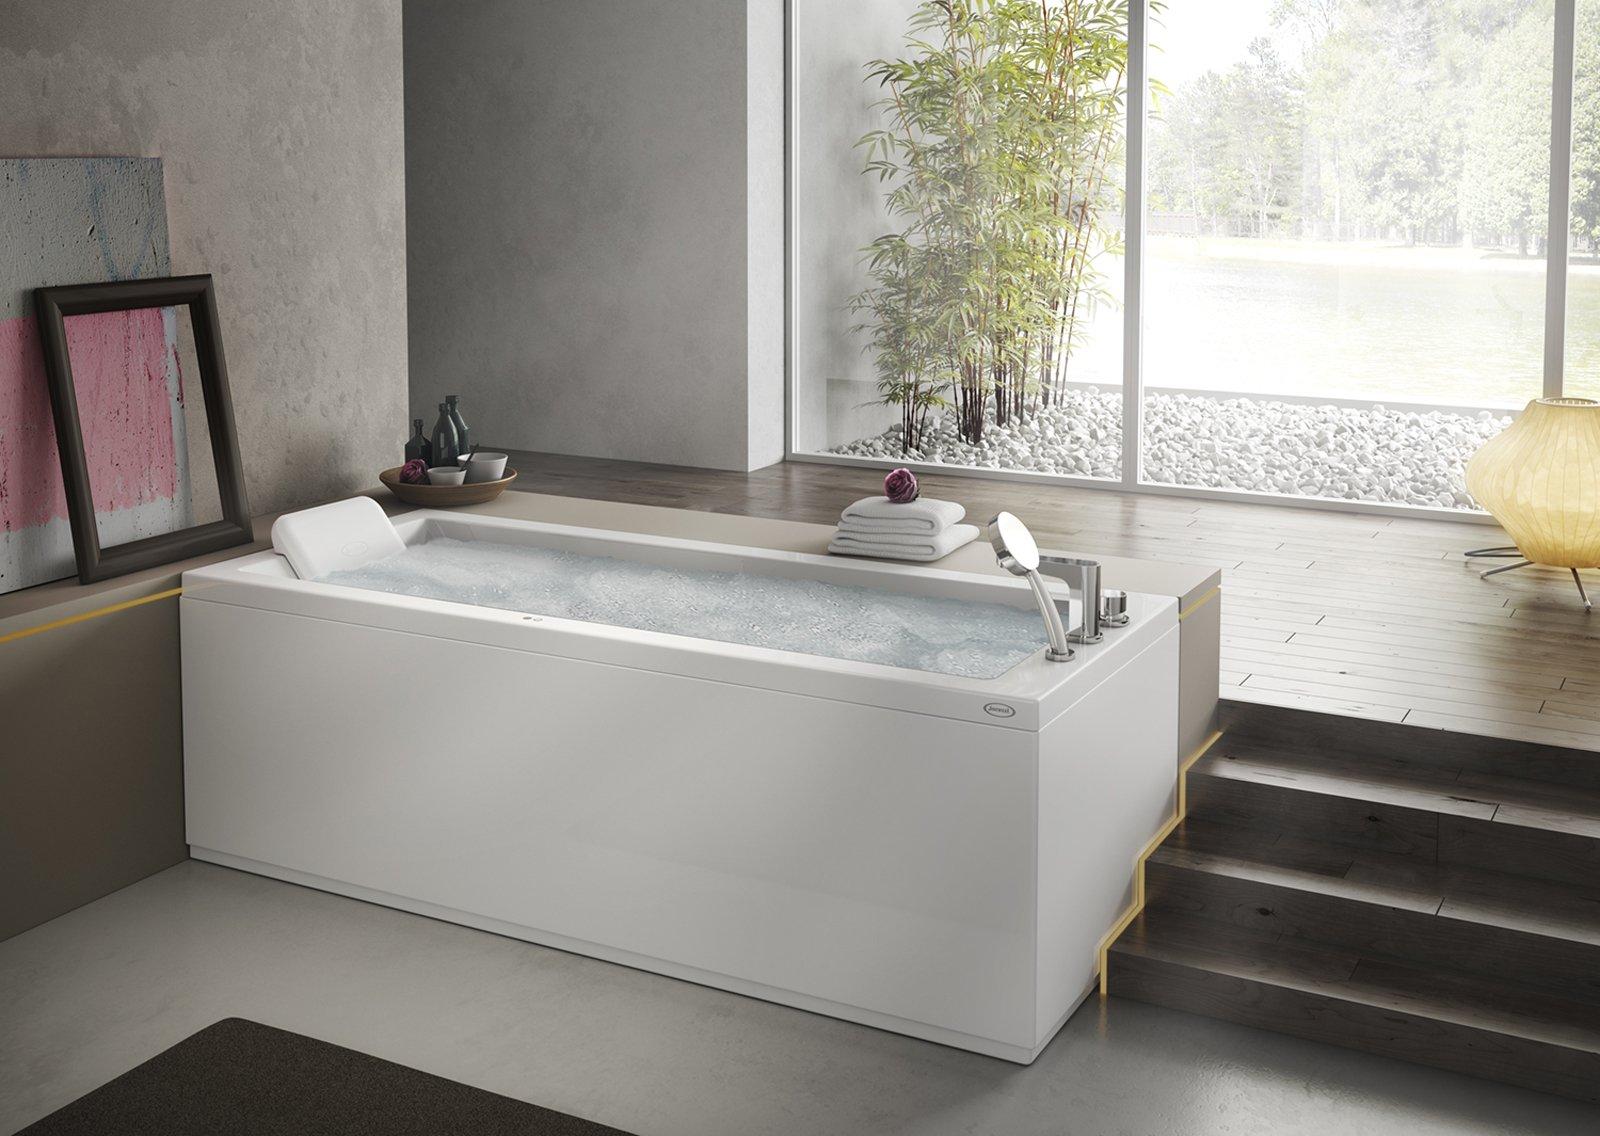 Ladybird Vasca Da Bagno Prezzo: Vasca da bagno. : trasformazione vasca da bagno in doccia prezzo : Vasca Da Bagno